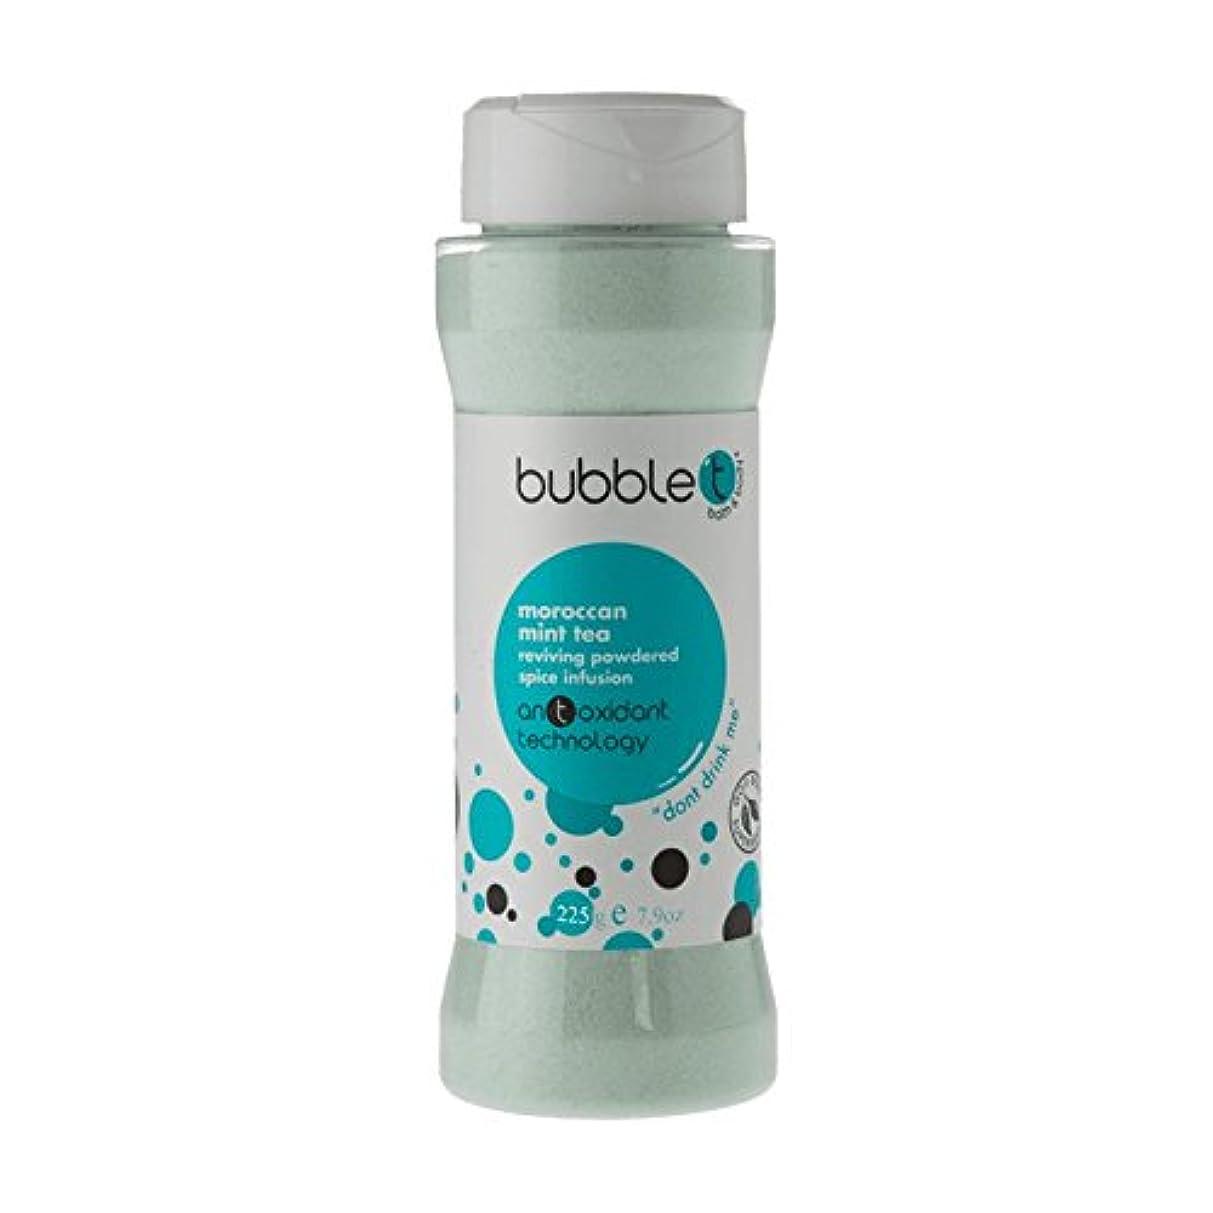 北原始的な温度バブルトン風呂スパイス注入モロッコのミントティー225グラム - Bubble T Bath Spice Infusion Morrocan Mint Tea 225g (Bubble T) [並行輸入品]